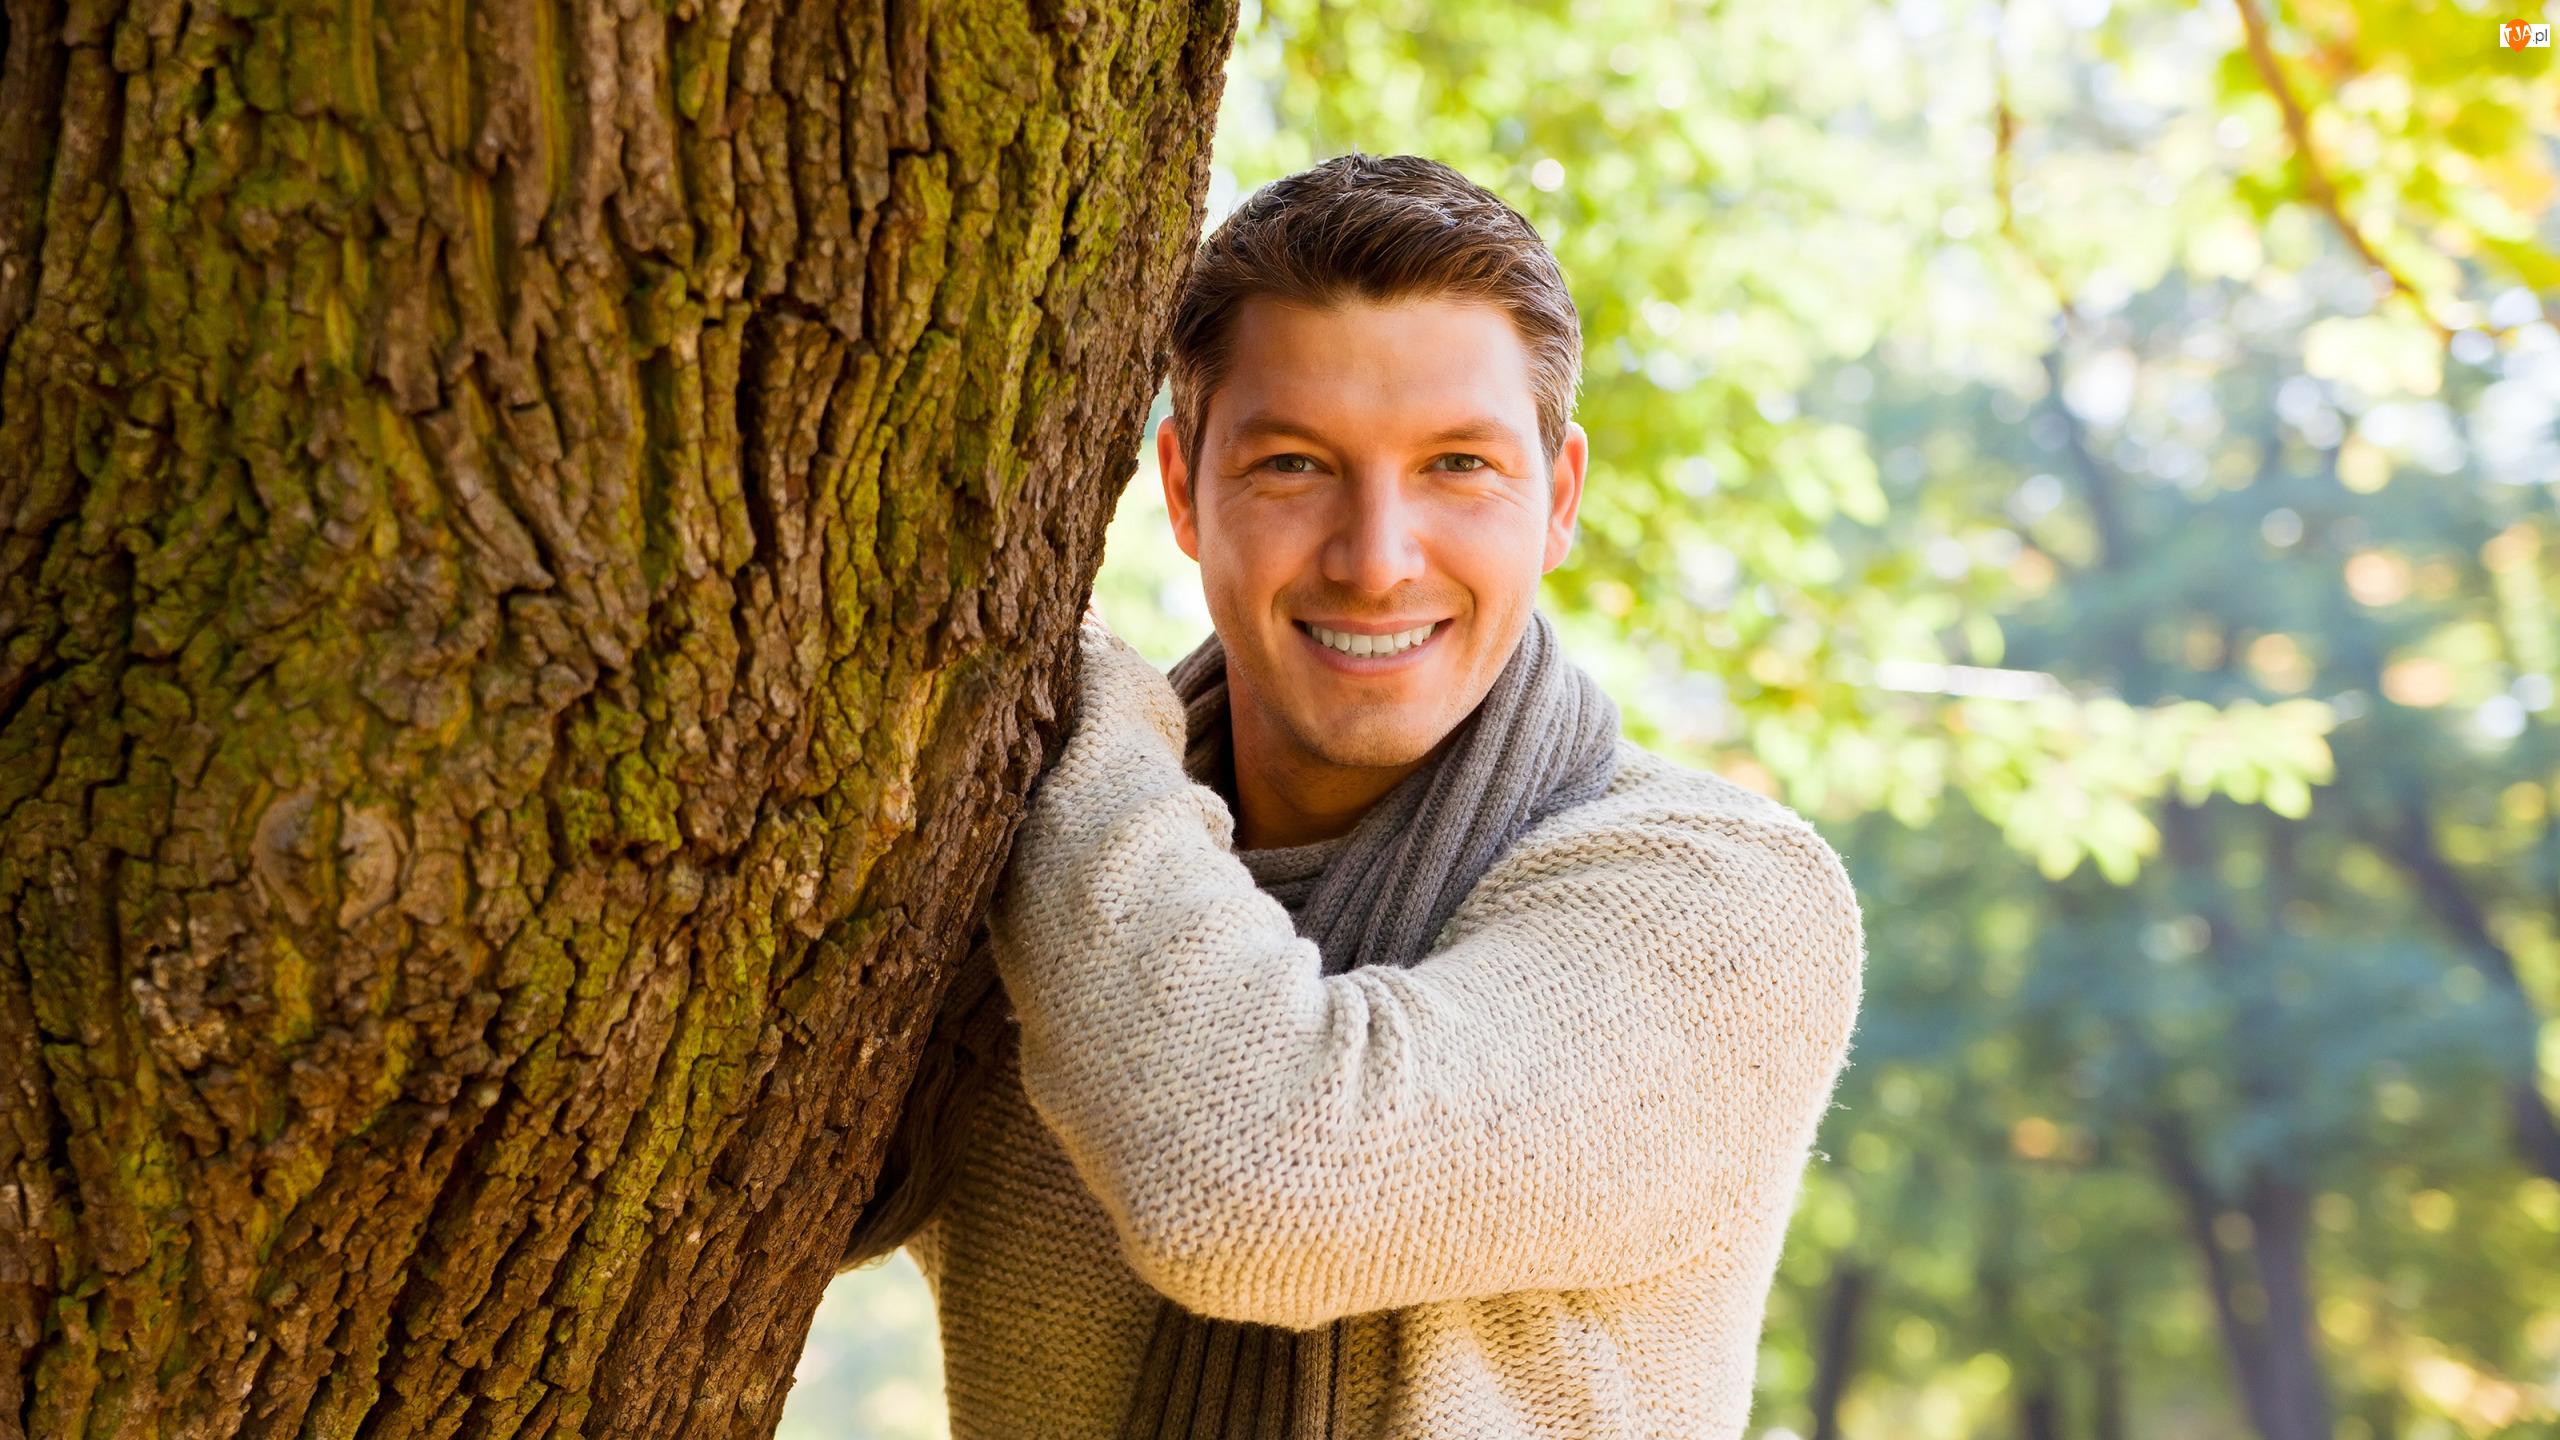 Drzewo, Mężczyzna, Uśmiech, Szalik